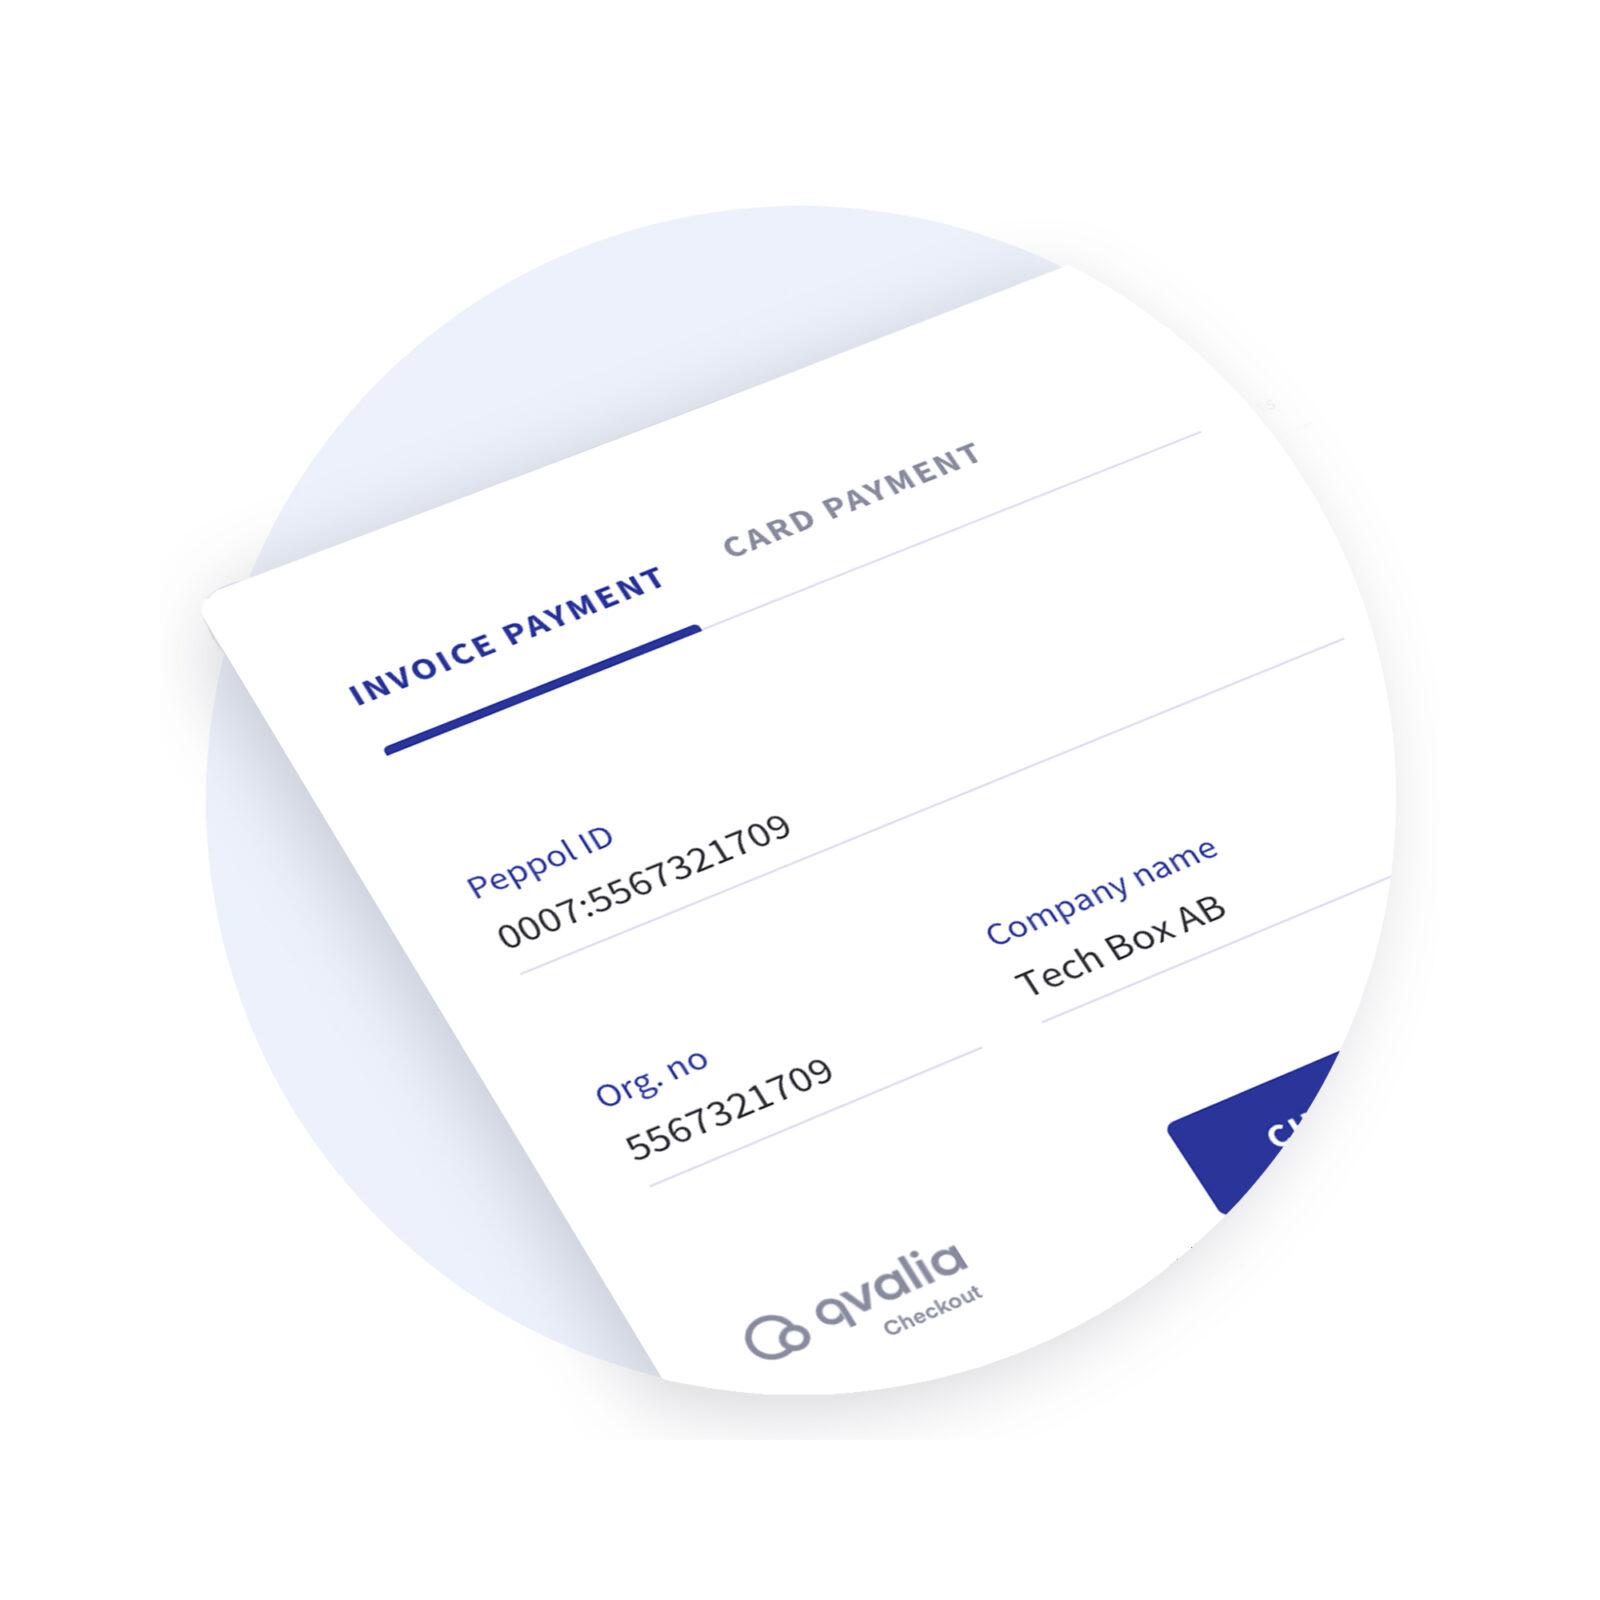 B2B payment gateway